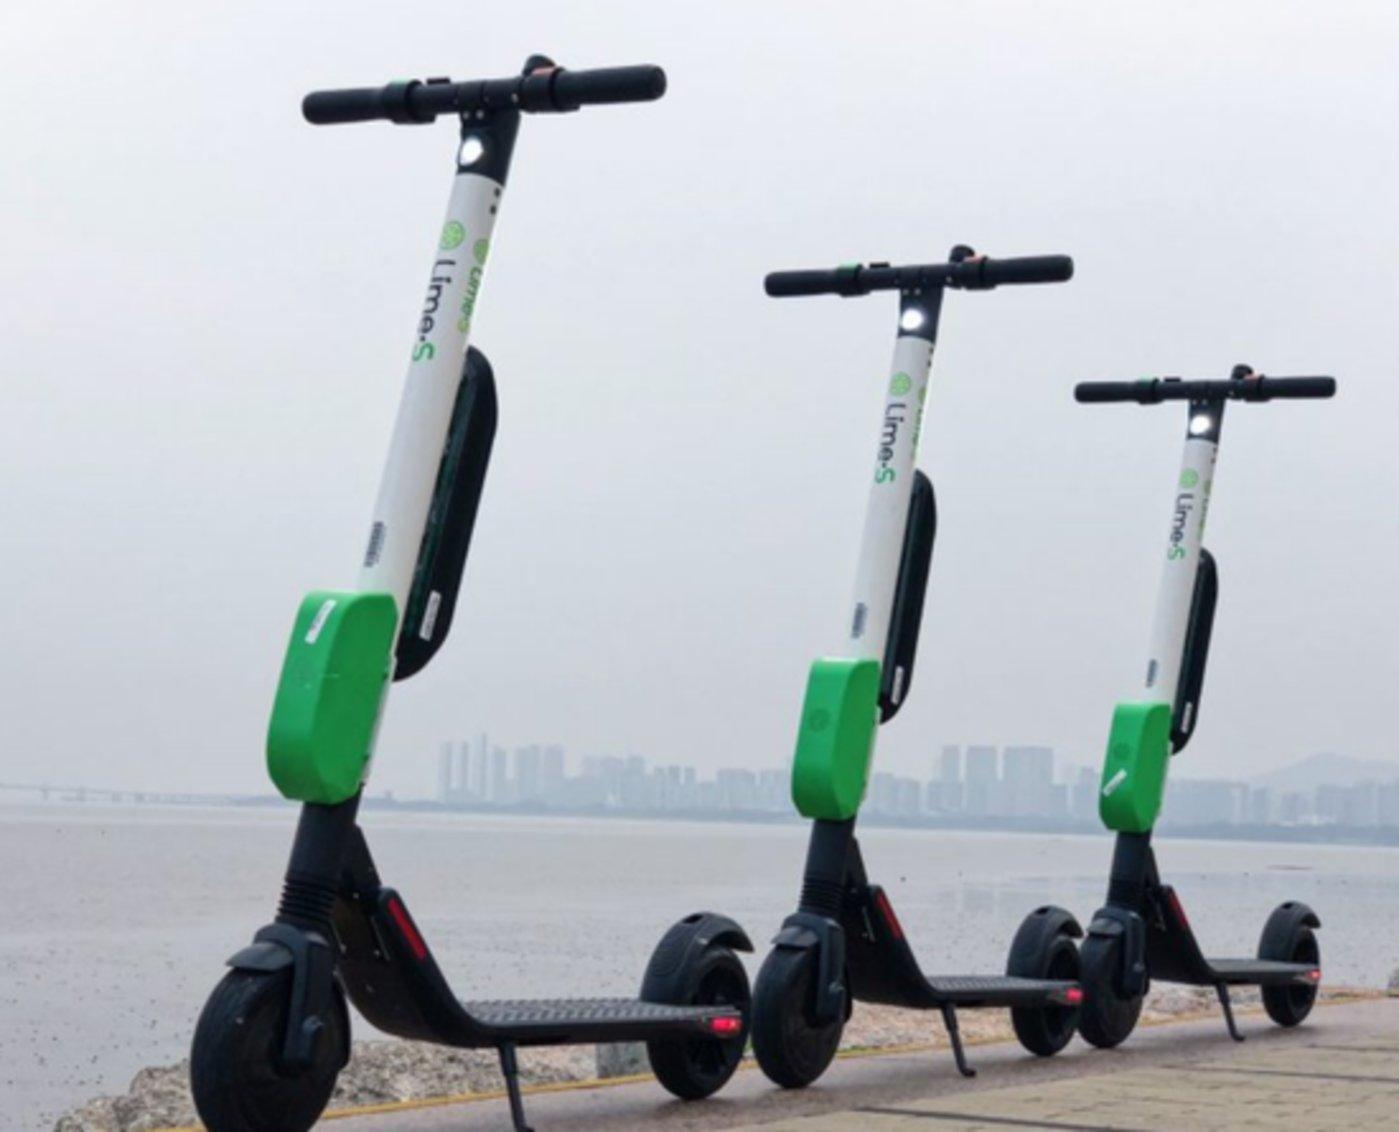 Lime与Segway公司合作研发的新式电动滑板车